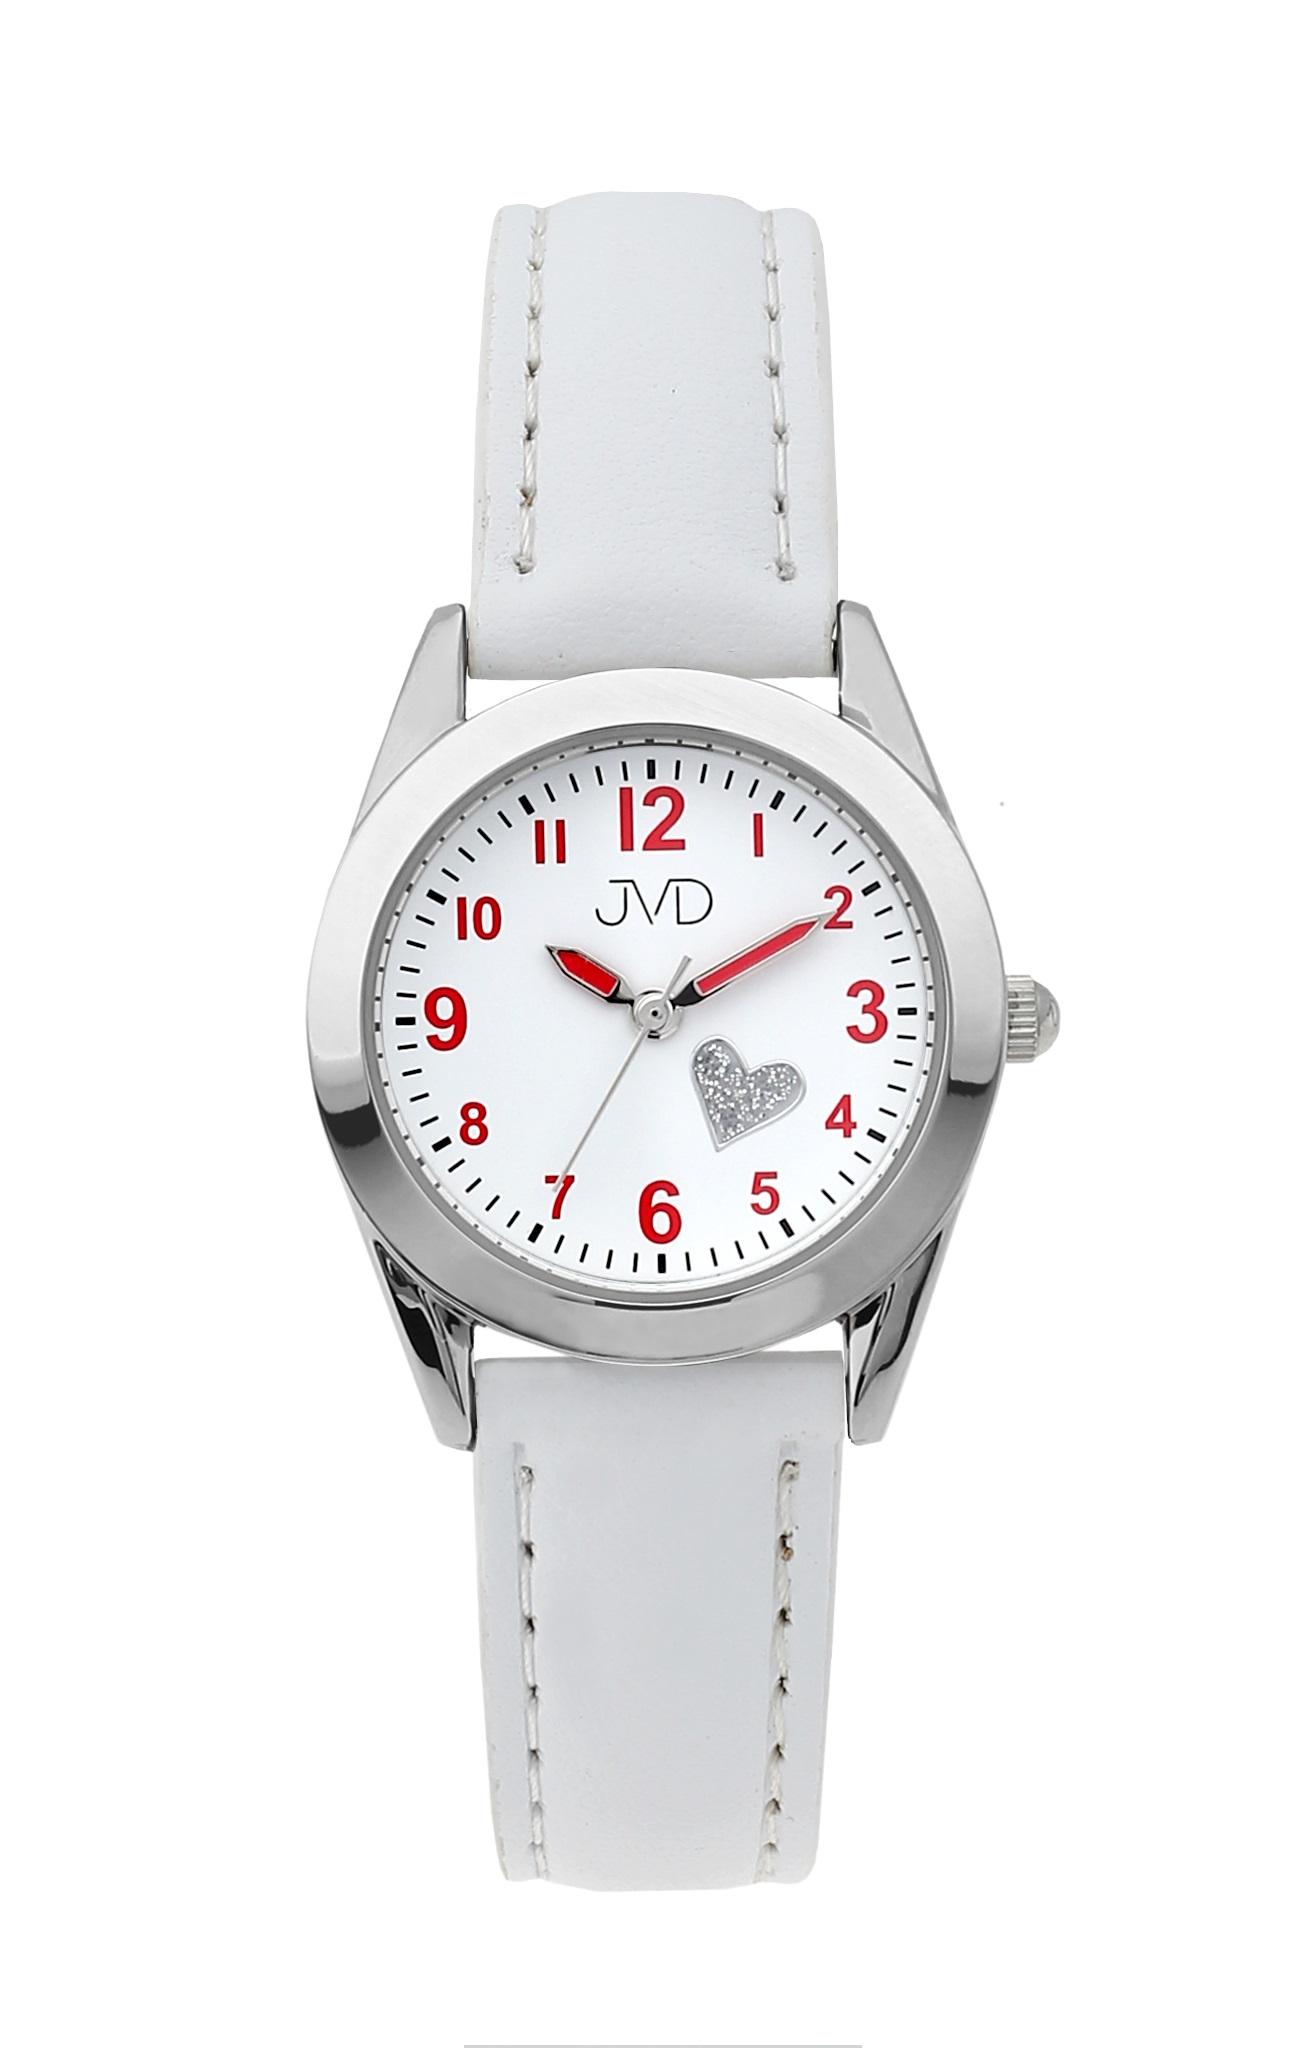 Dětské dívčí náramkové čitelné hodinky JVD J7178.1 se srdíčkem (bílé dívčí hodinky)